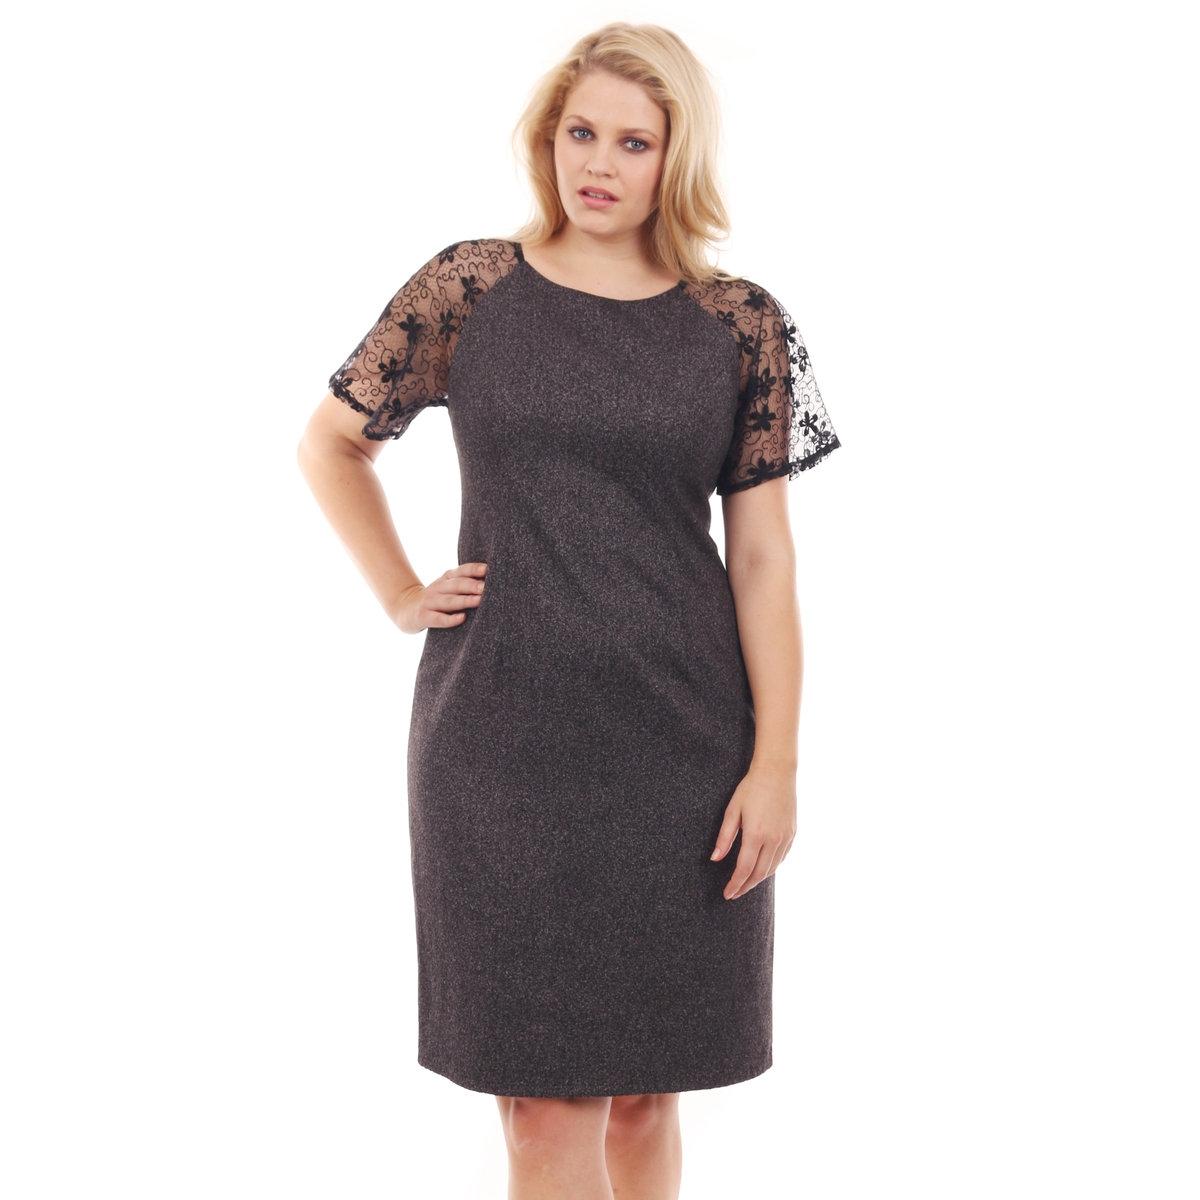 Платье однотонноеПлатье однотонное LOVEDROBE с короткими рукавами. Прозрачные рукава с отделкой кружевом. Небольшой вырез в верхней части спинки. Длина 101 см. 100% полиэстера.<br><br>Цвет: серый<br>Размер: 44 (FR) - 50 (RUS)